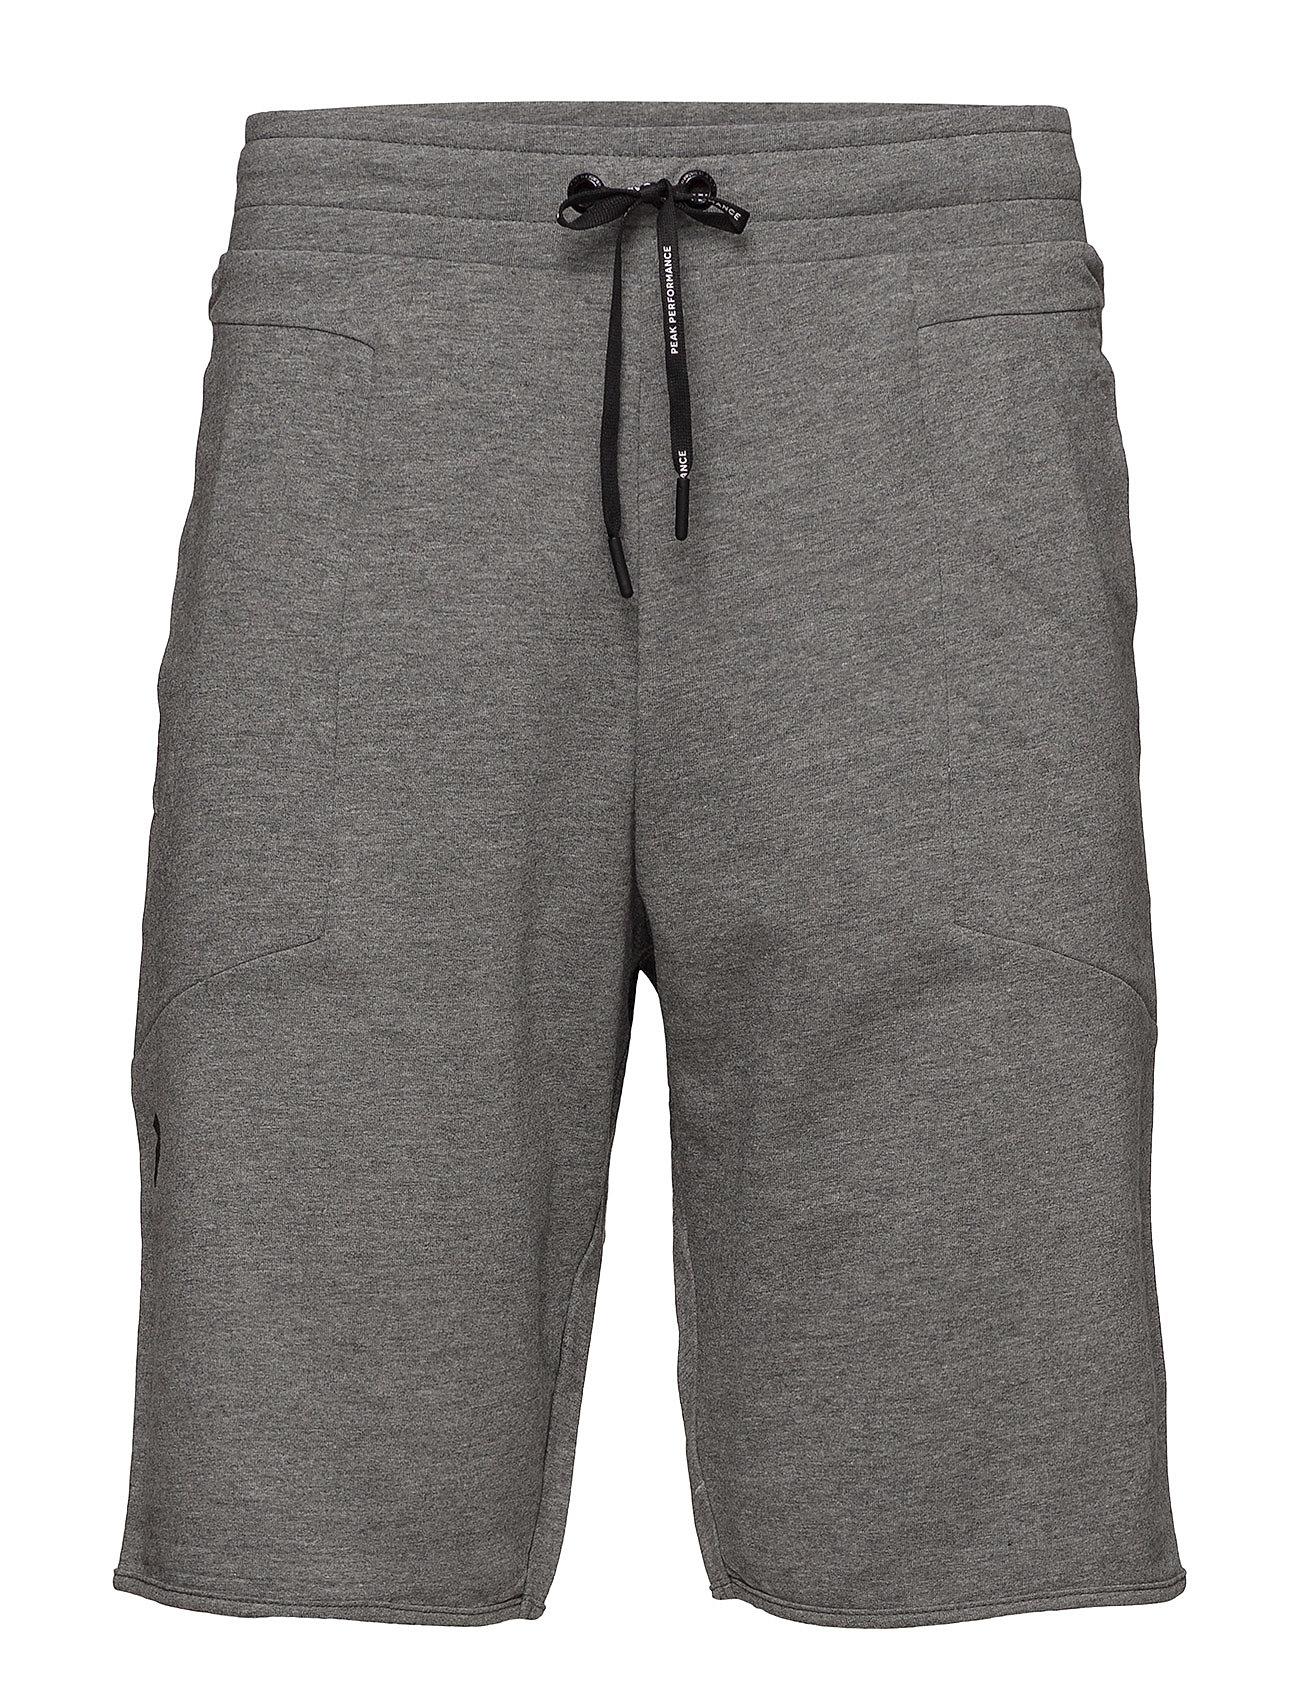 Peak Performance TECHLITESH Shorts